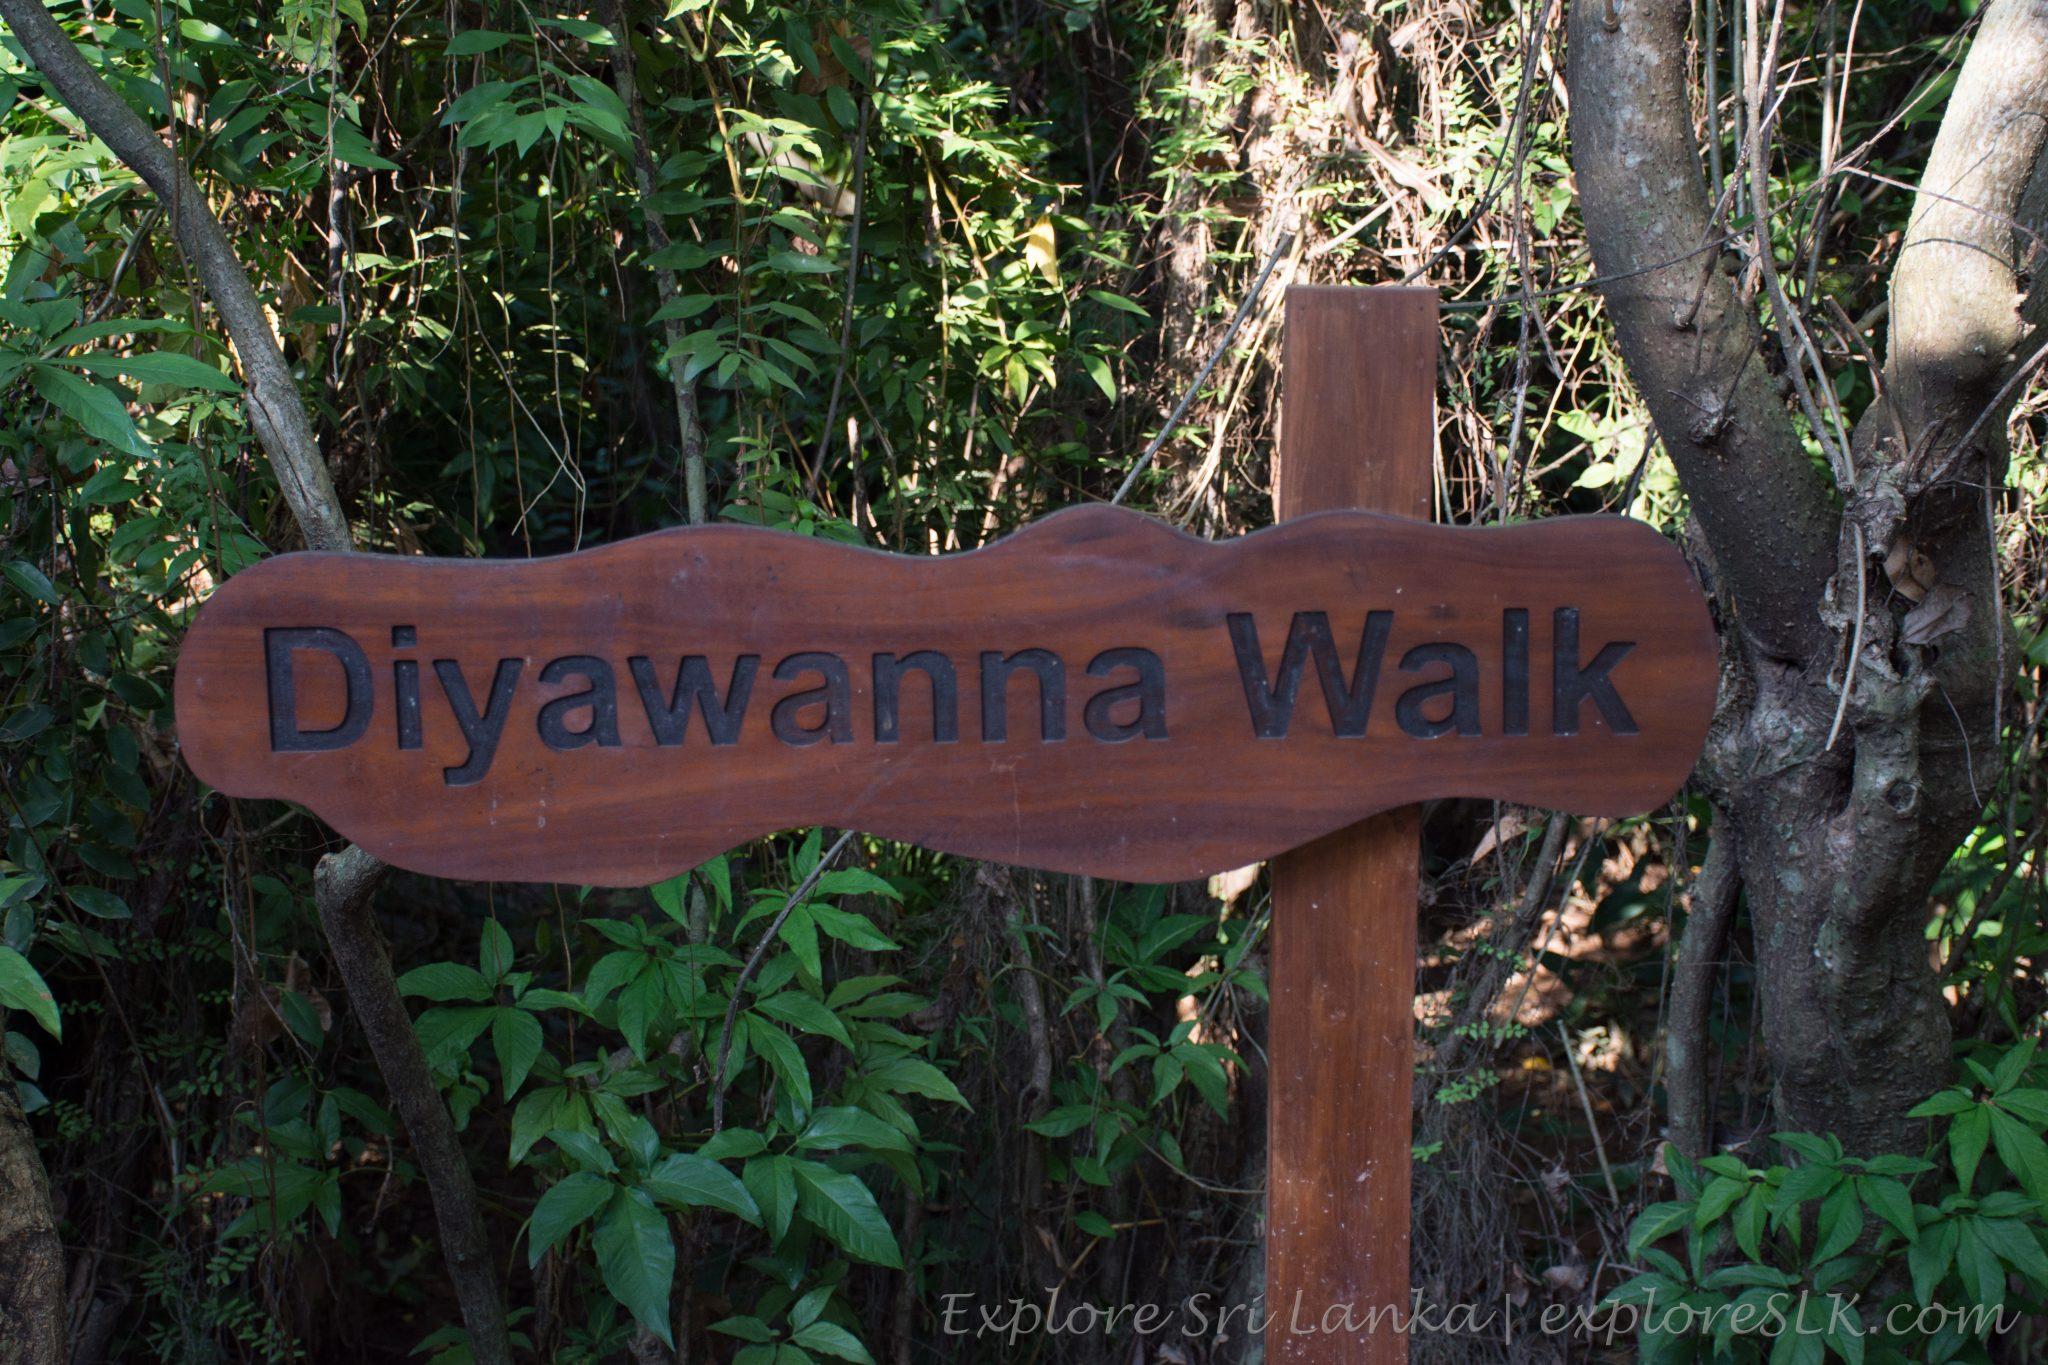 Diyawanna walk sign board